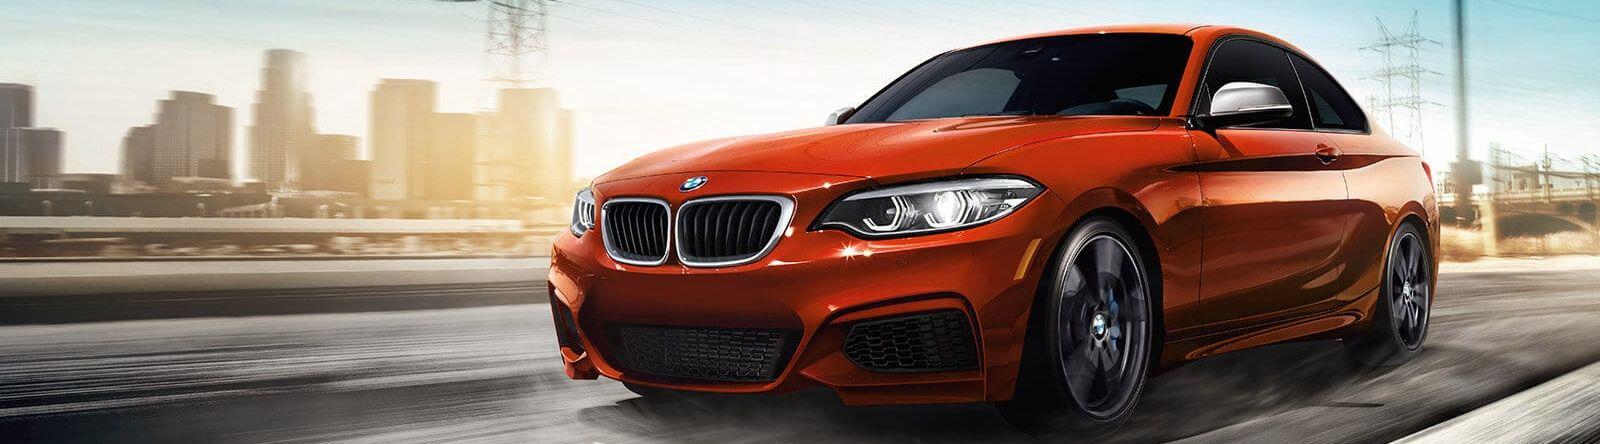 2018 BMW 2 Series Leasing in Schererville, IN